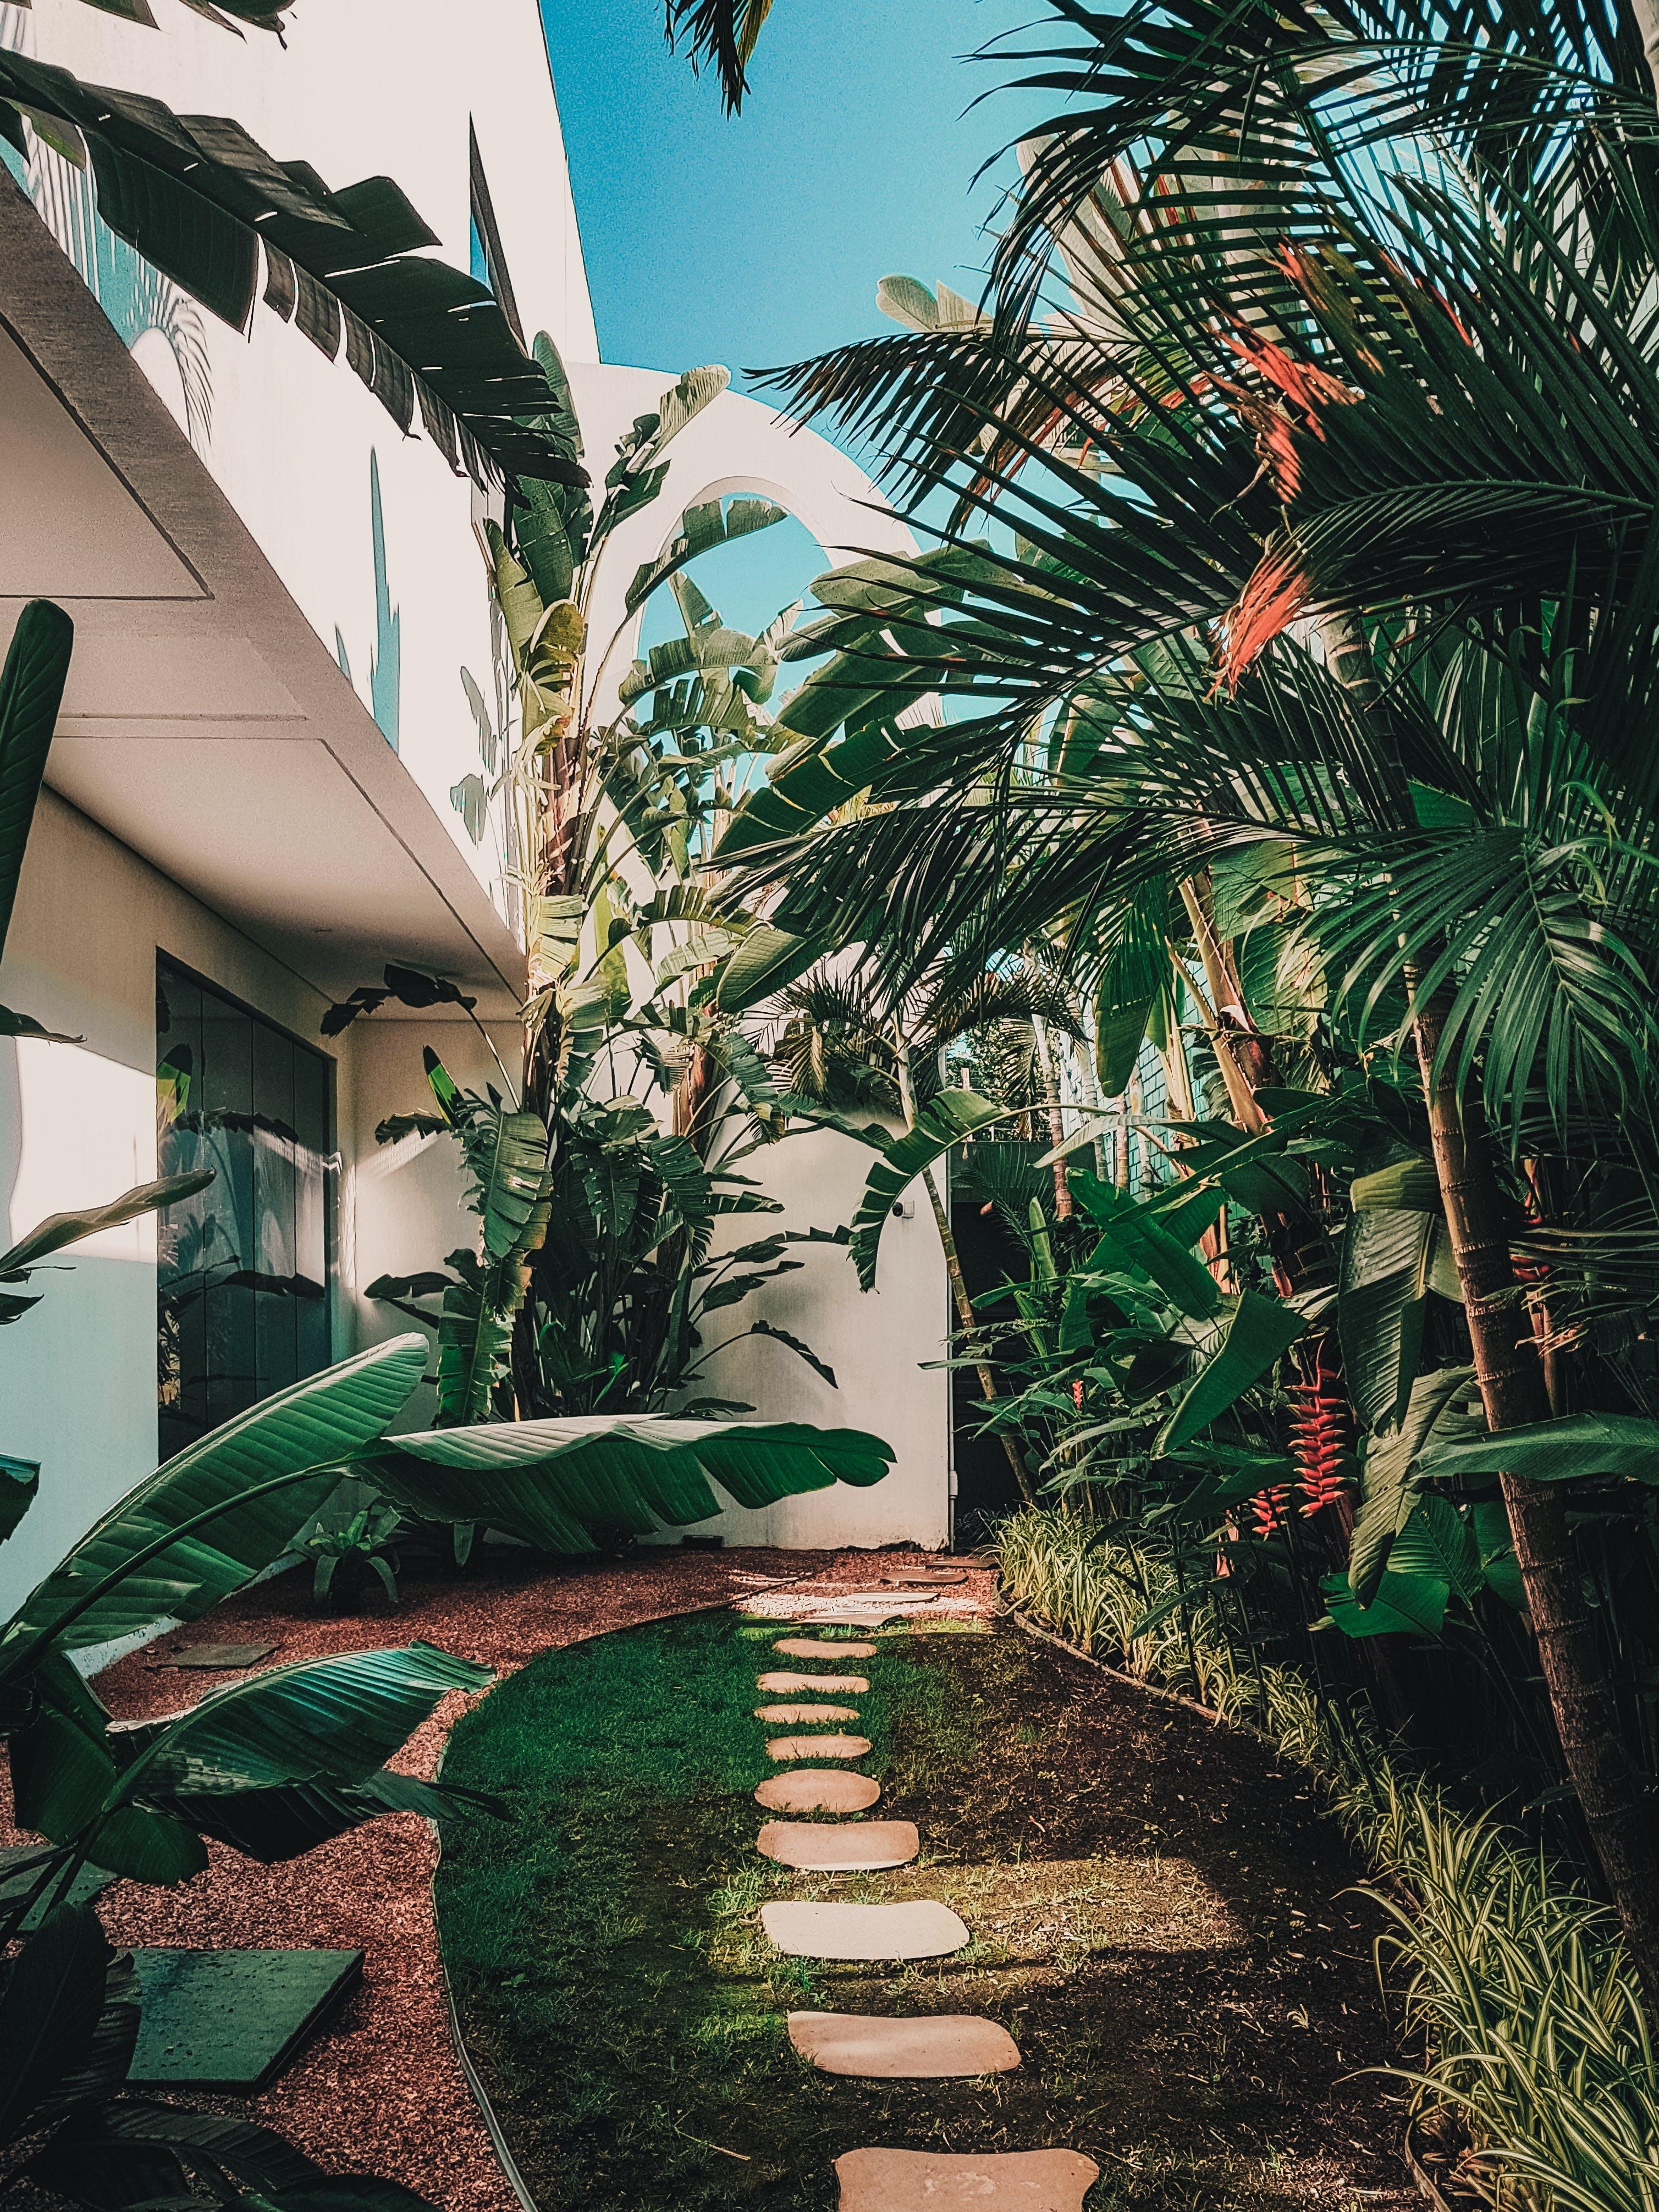 39 Inspiring Backyard Garden Design And Landscape Ideas